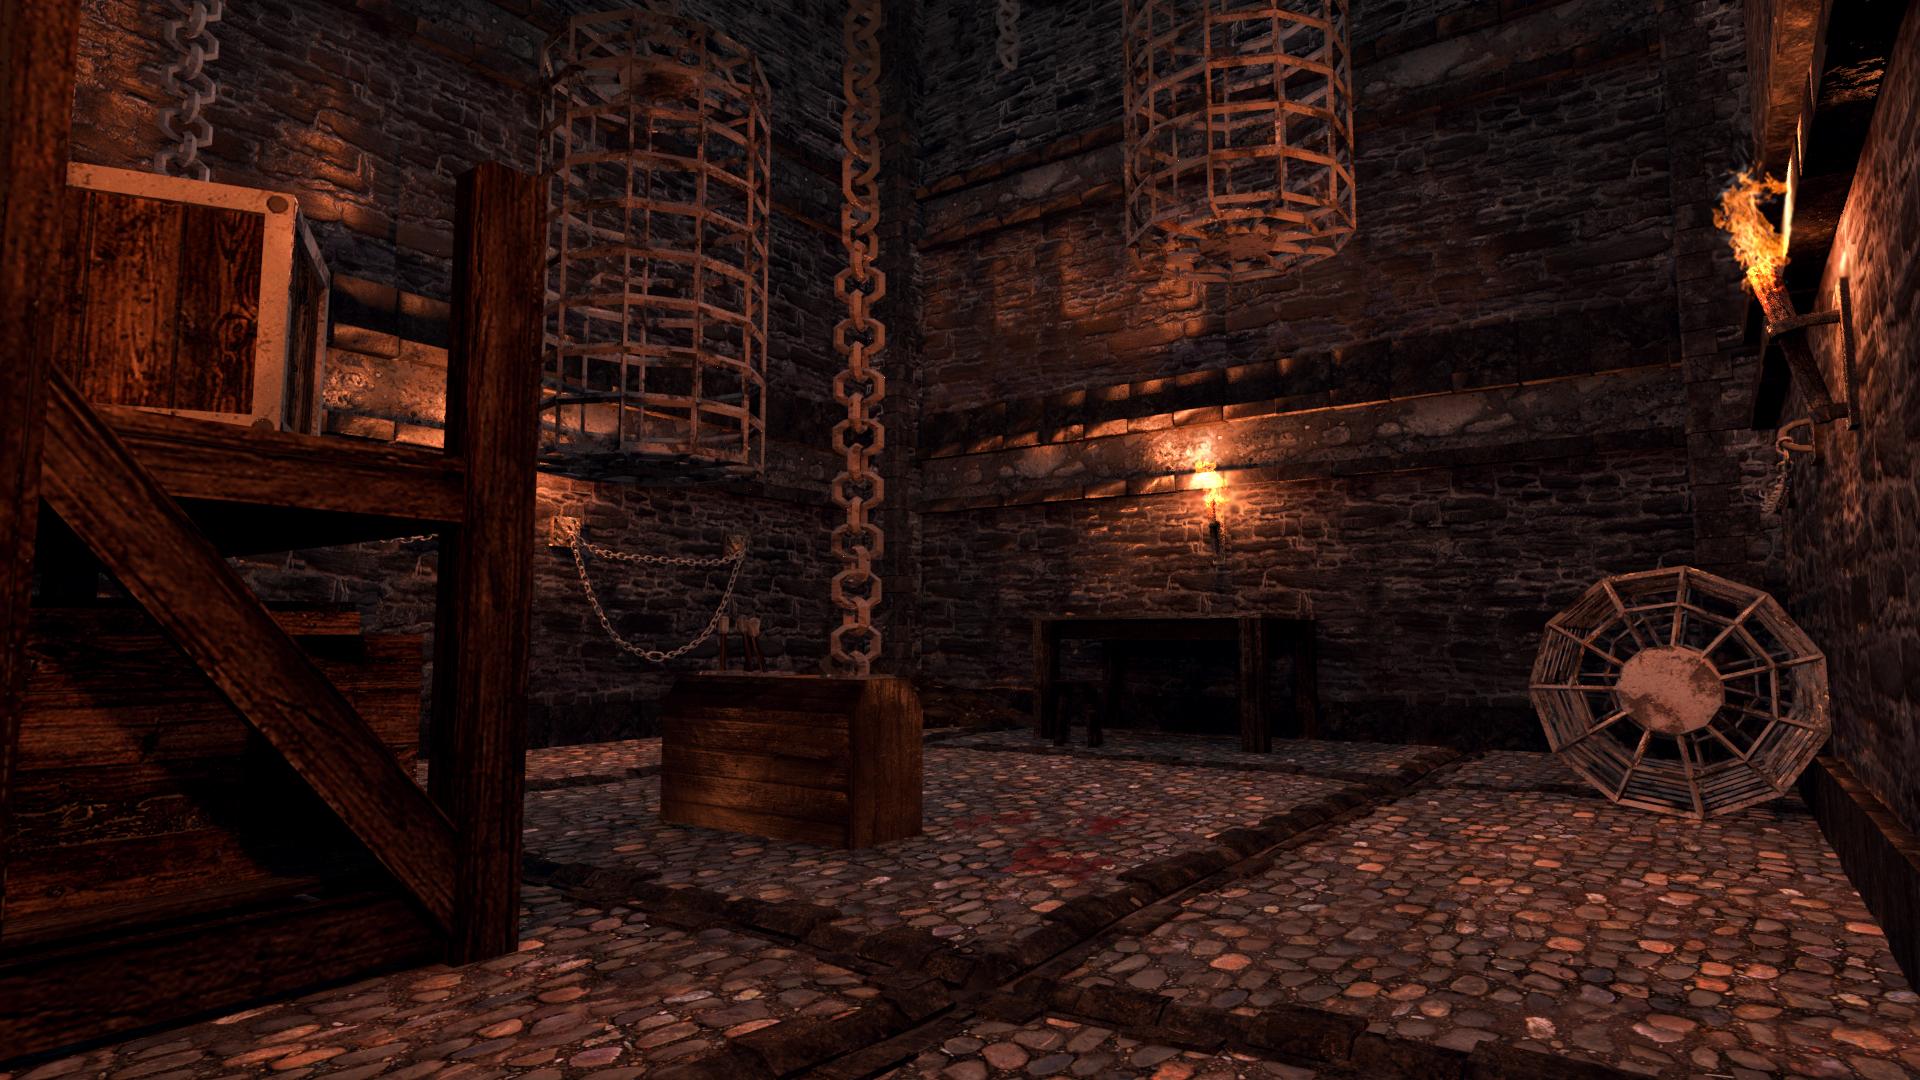 Medieval Dungeon Www Pixshark Com Images Galleries